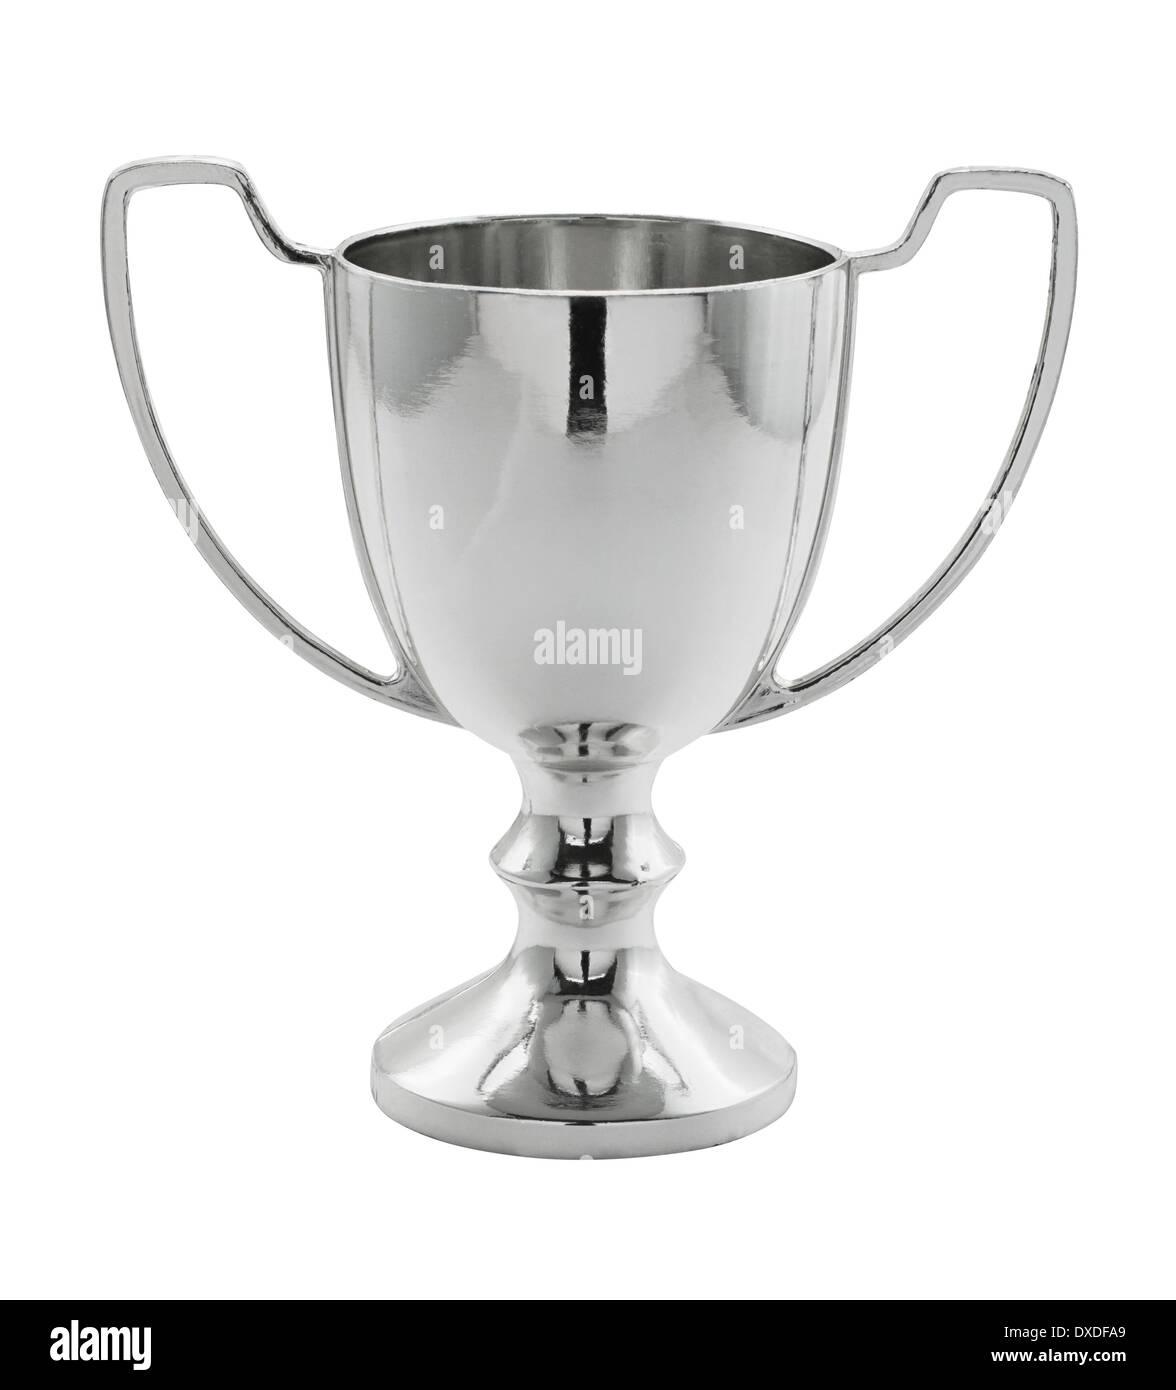 Ganar el trofeo de plata gran concepto aislado para el logro, el éxito o el primer lugar en un concurso. Imagen De Stock